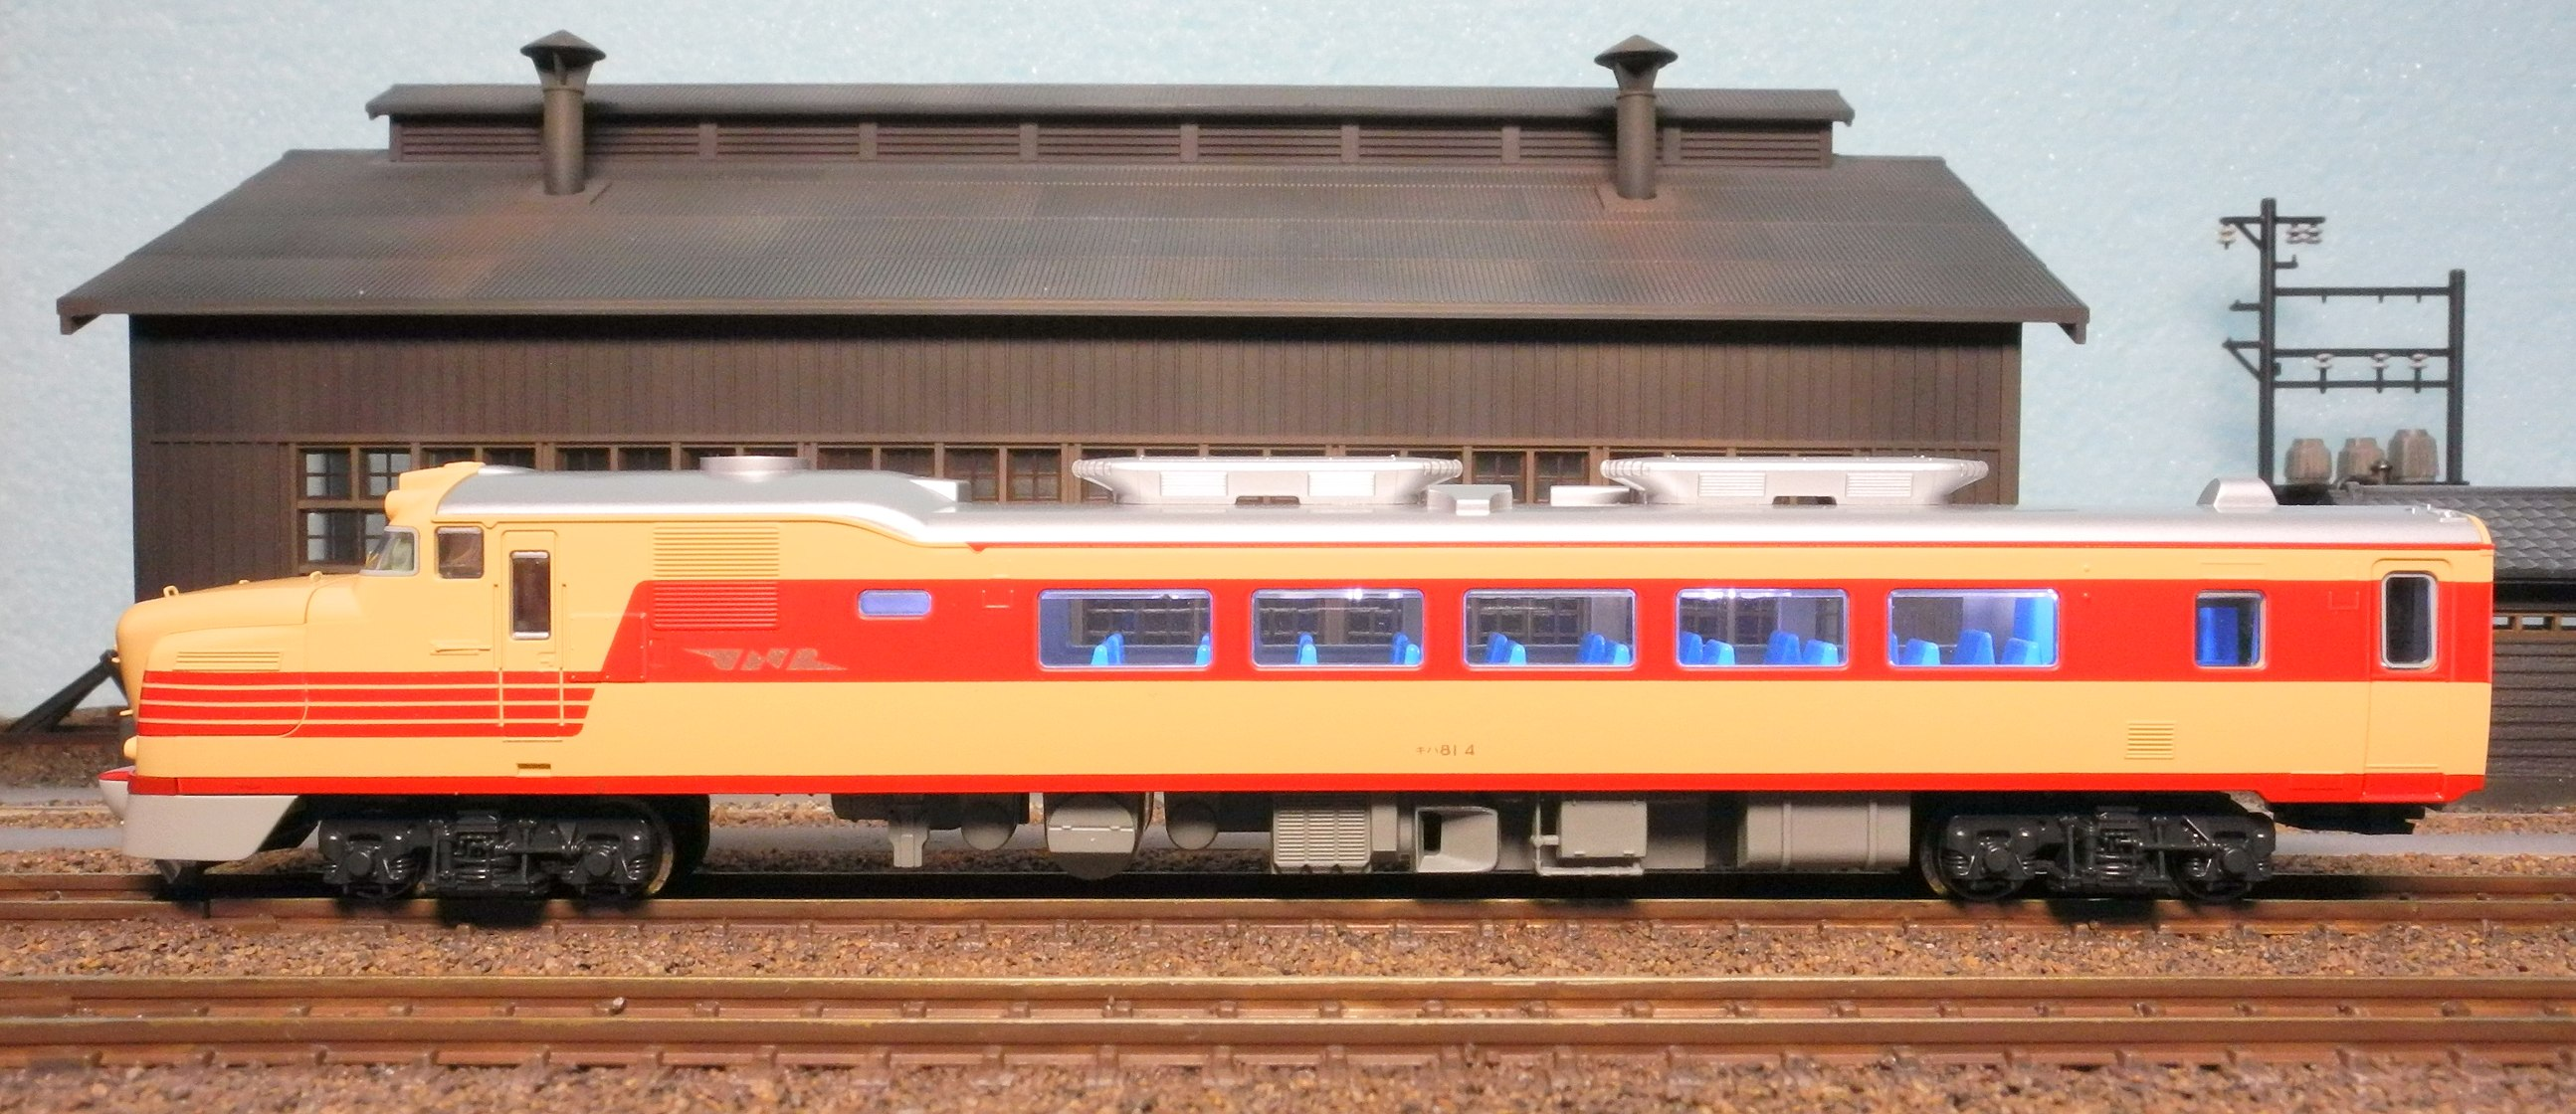 DSCN6765-1.jpg